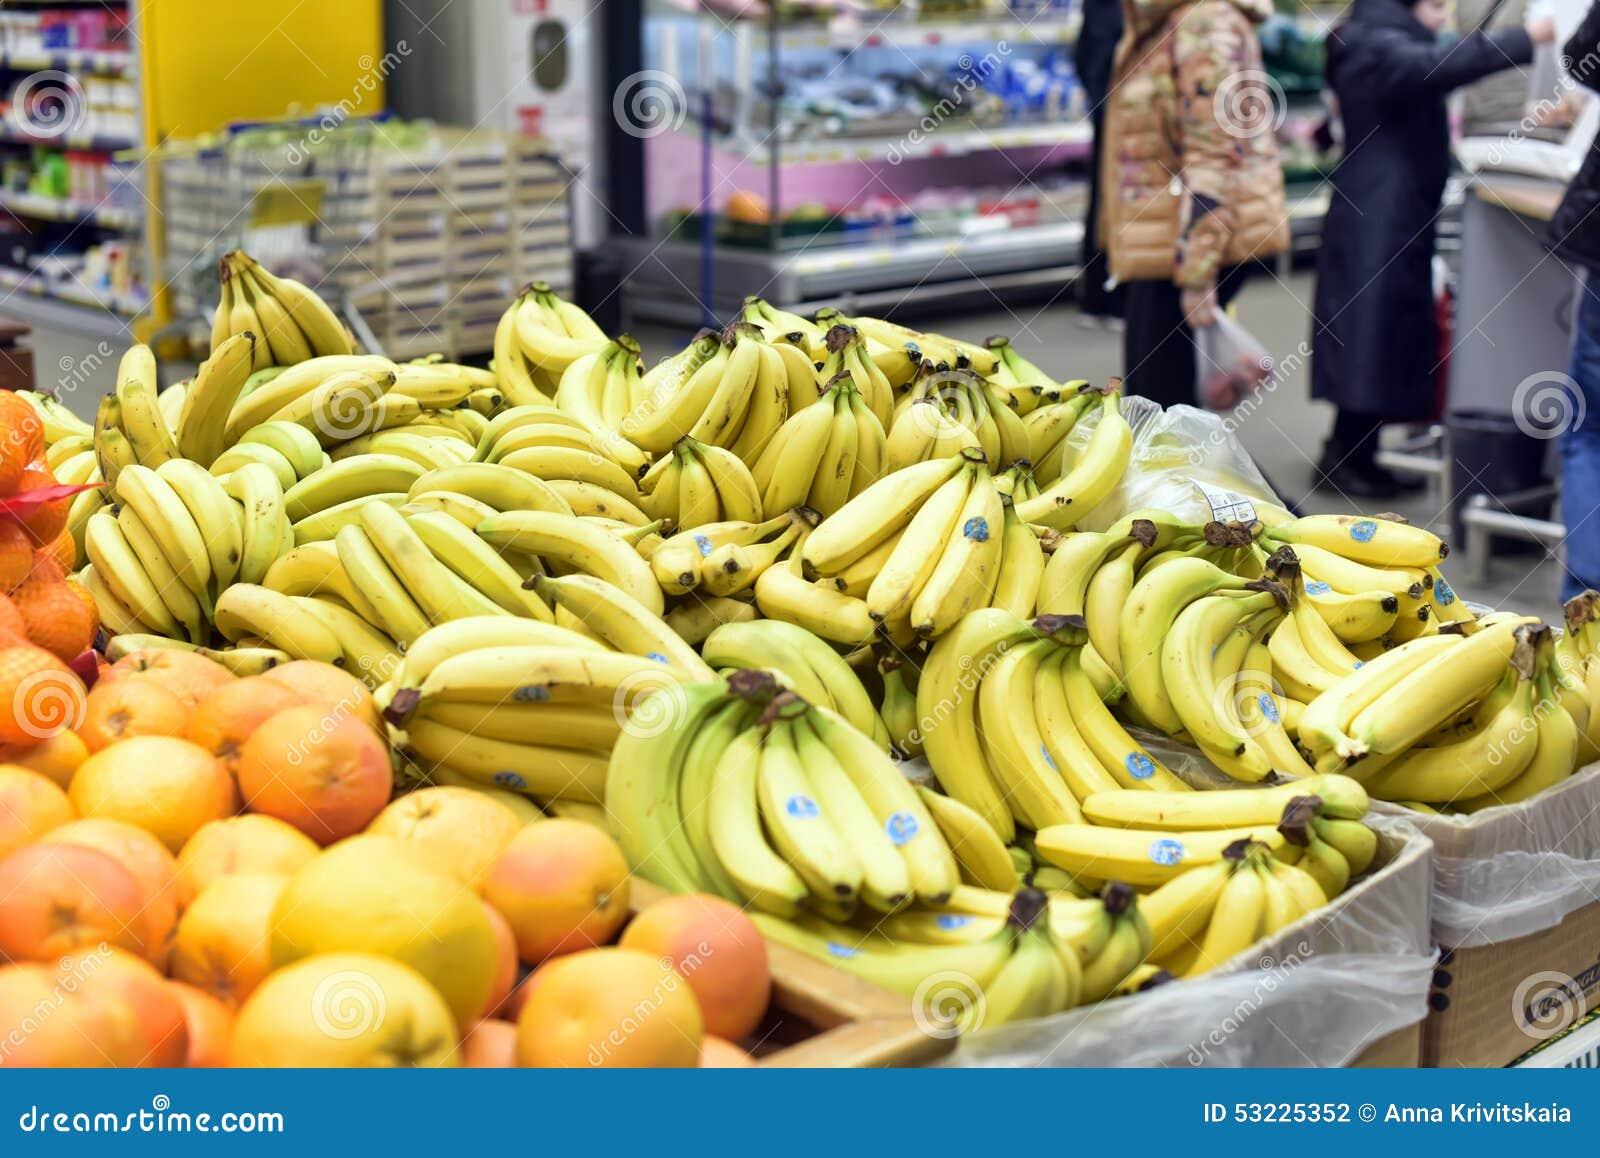 Supermercado del colmado